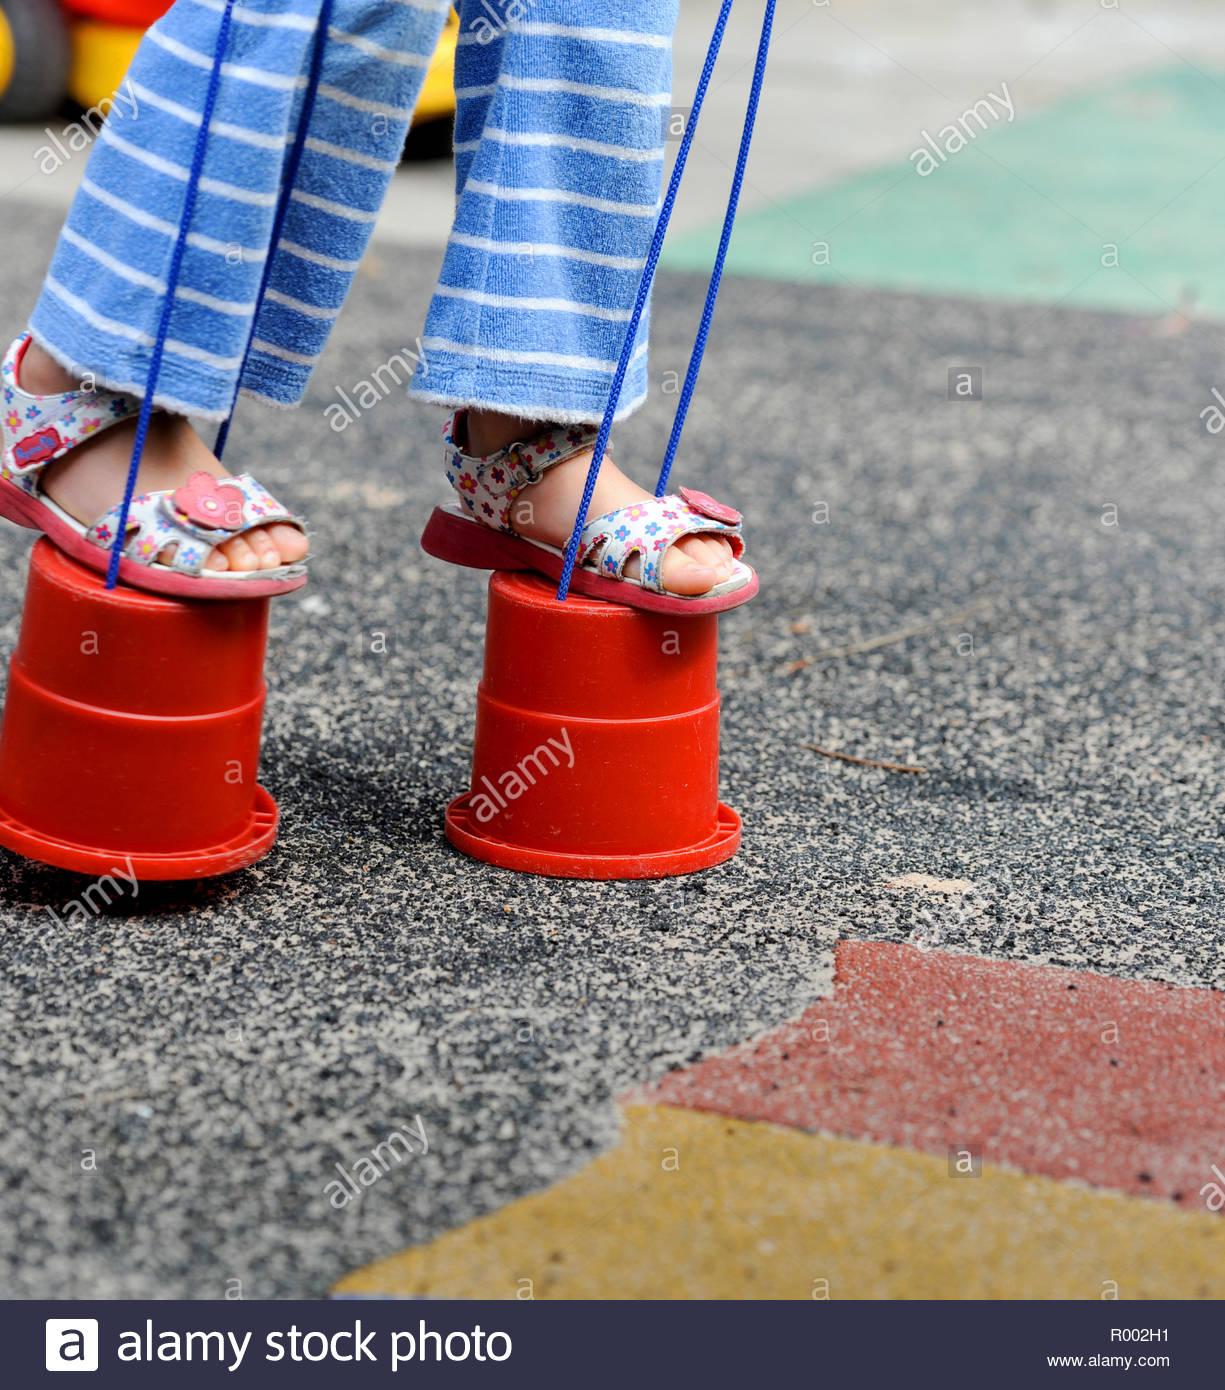 En Dehors De L'aire De Jeu D'une École Maternelle Uk - L concernant Jeux Apprentissage Maternelle